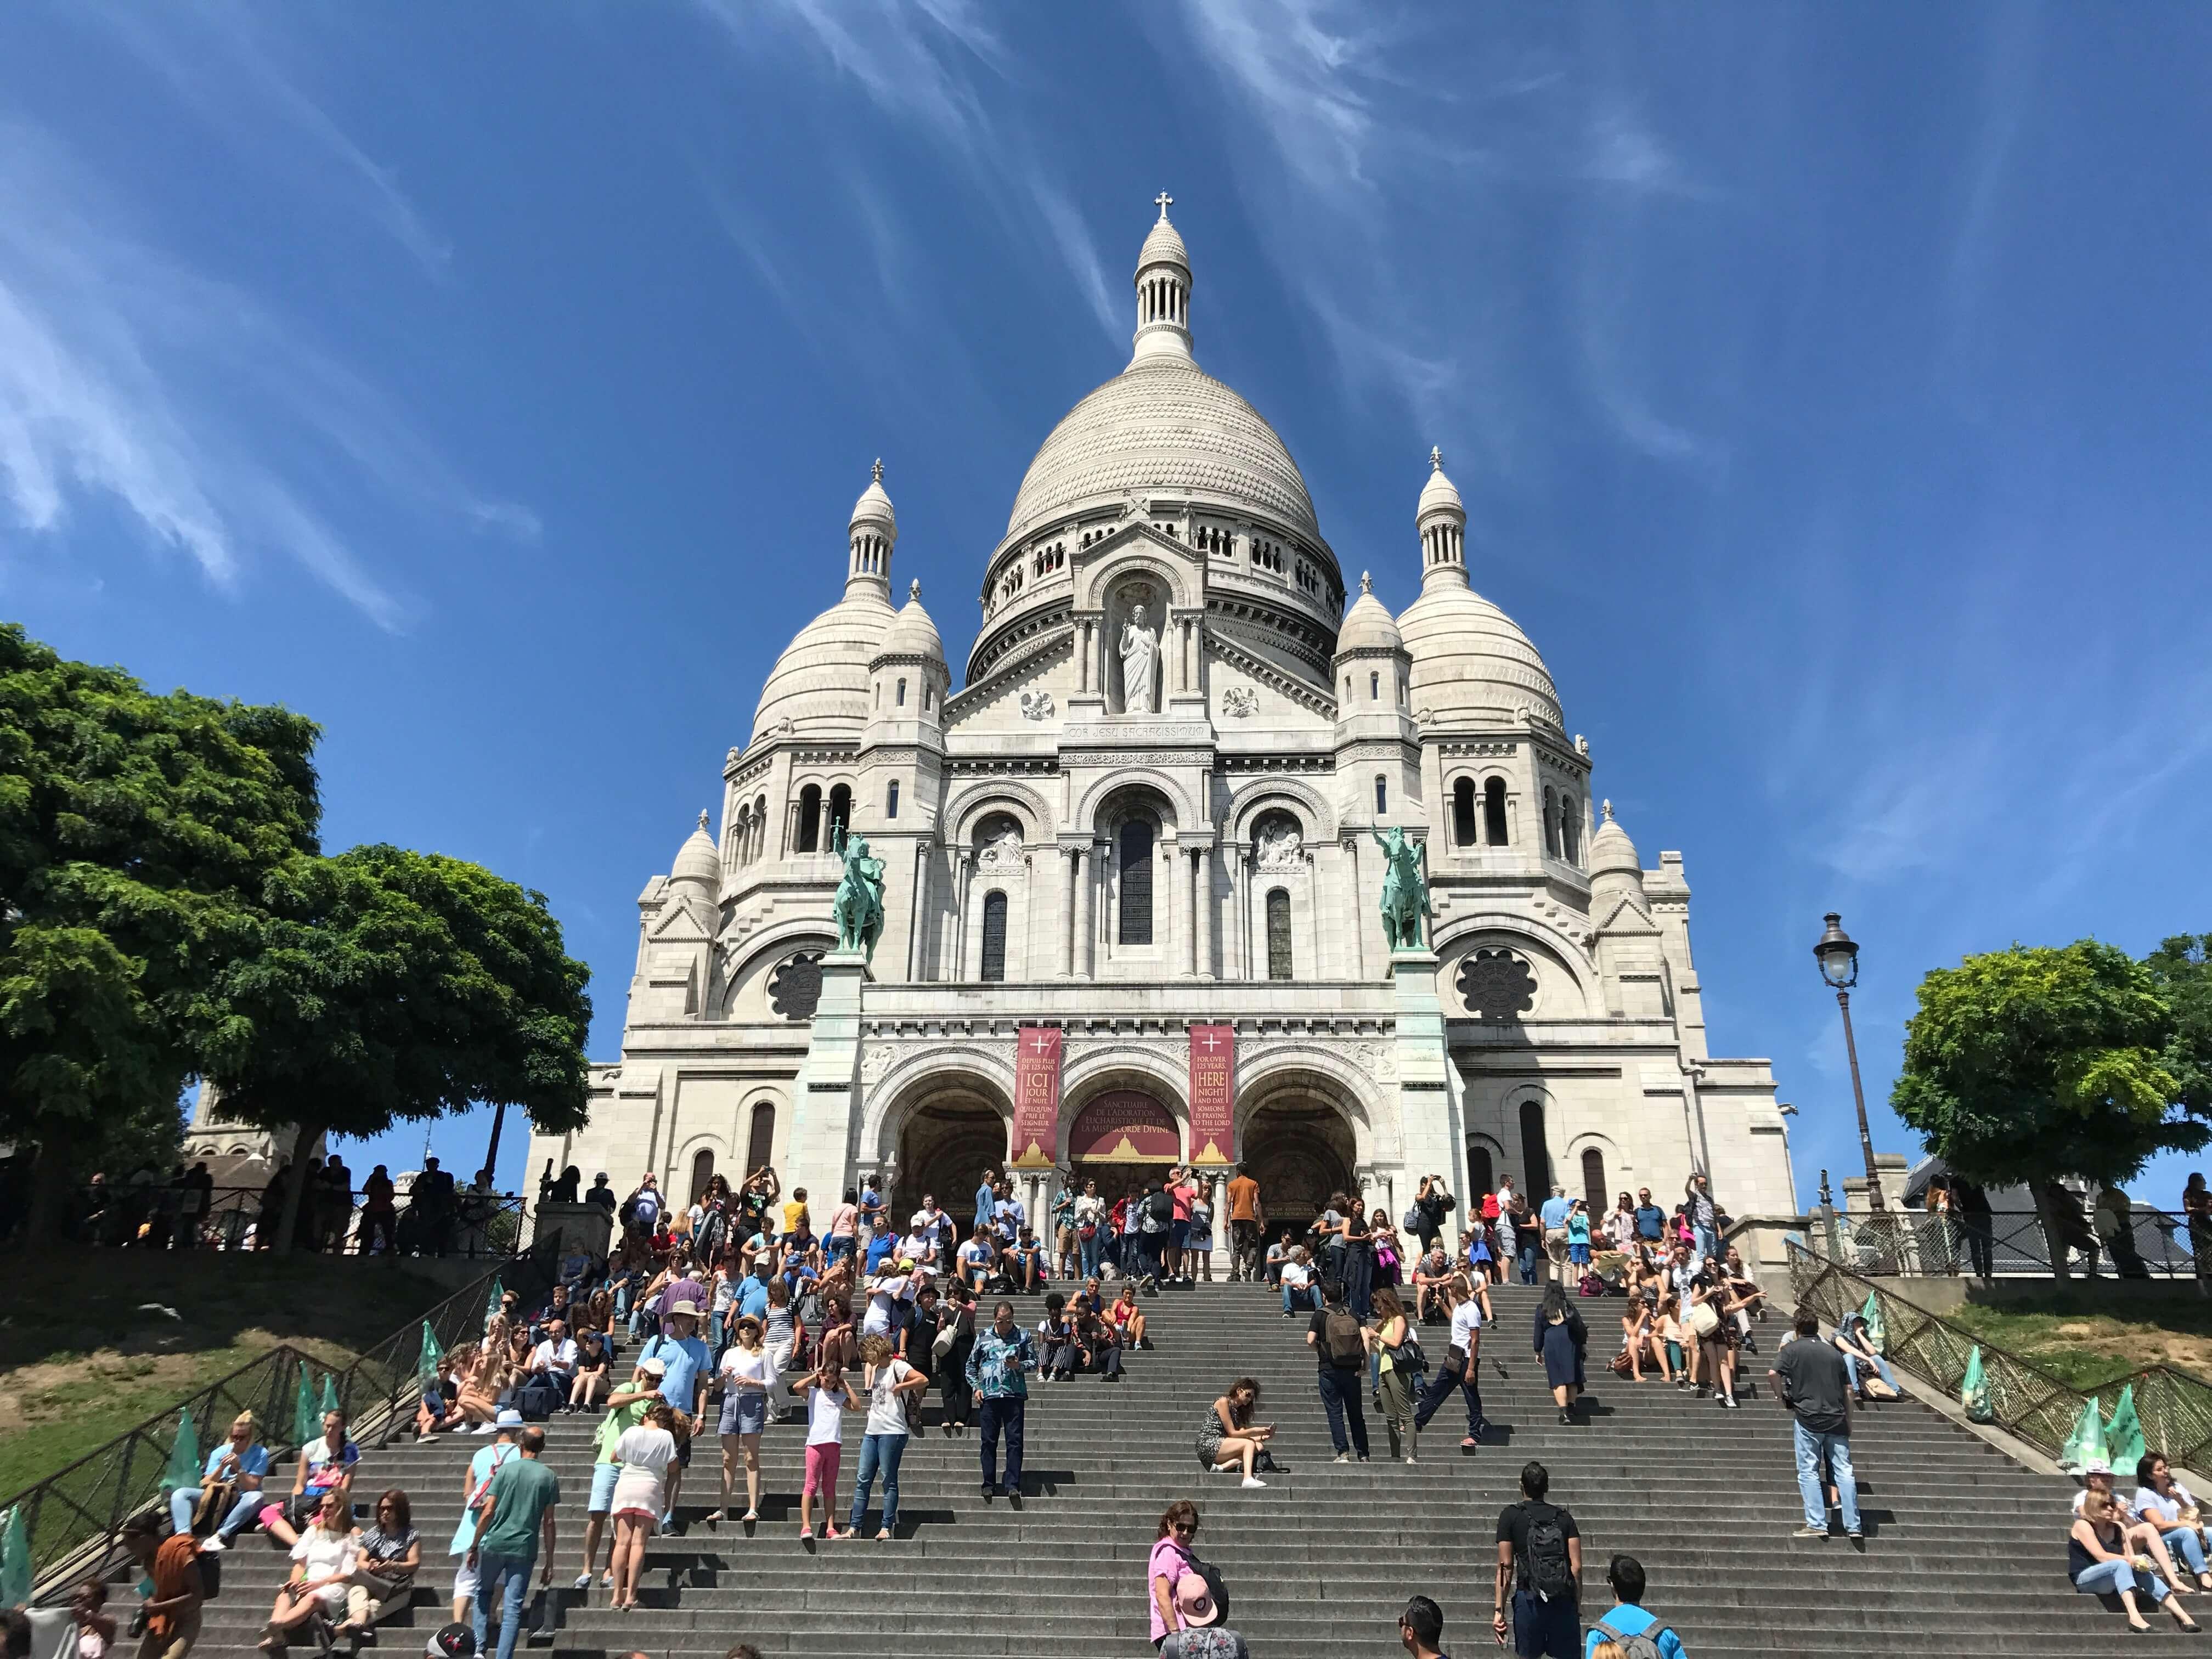 法國巴黎聖心堂 photo by 倍包客